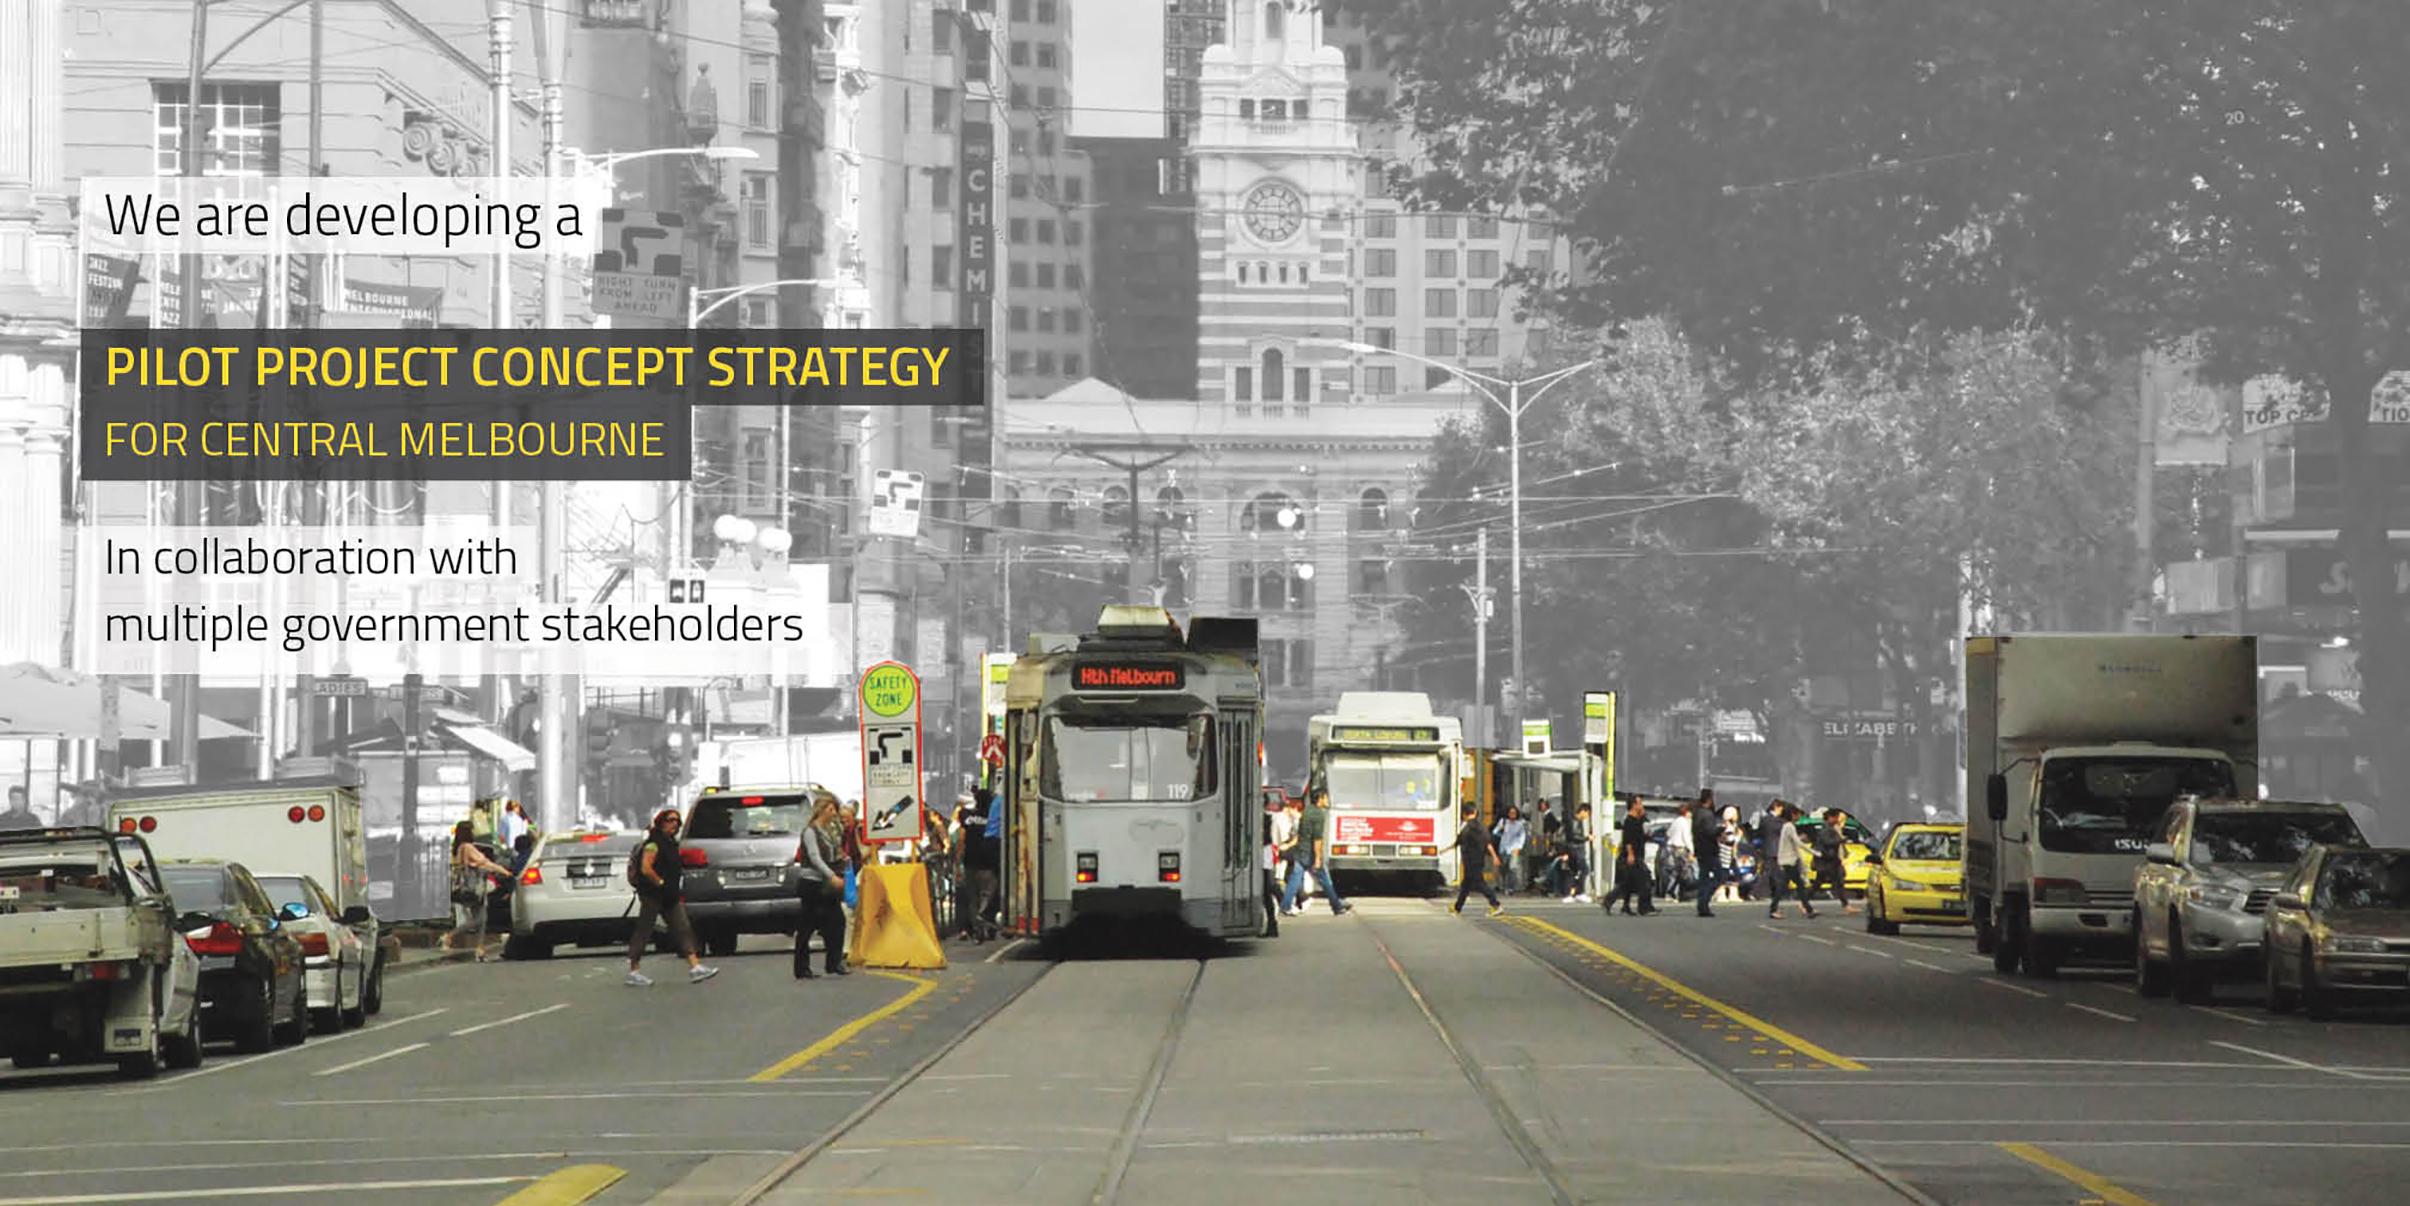 NEWS pilot project concept strategy Melbourne